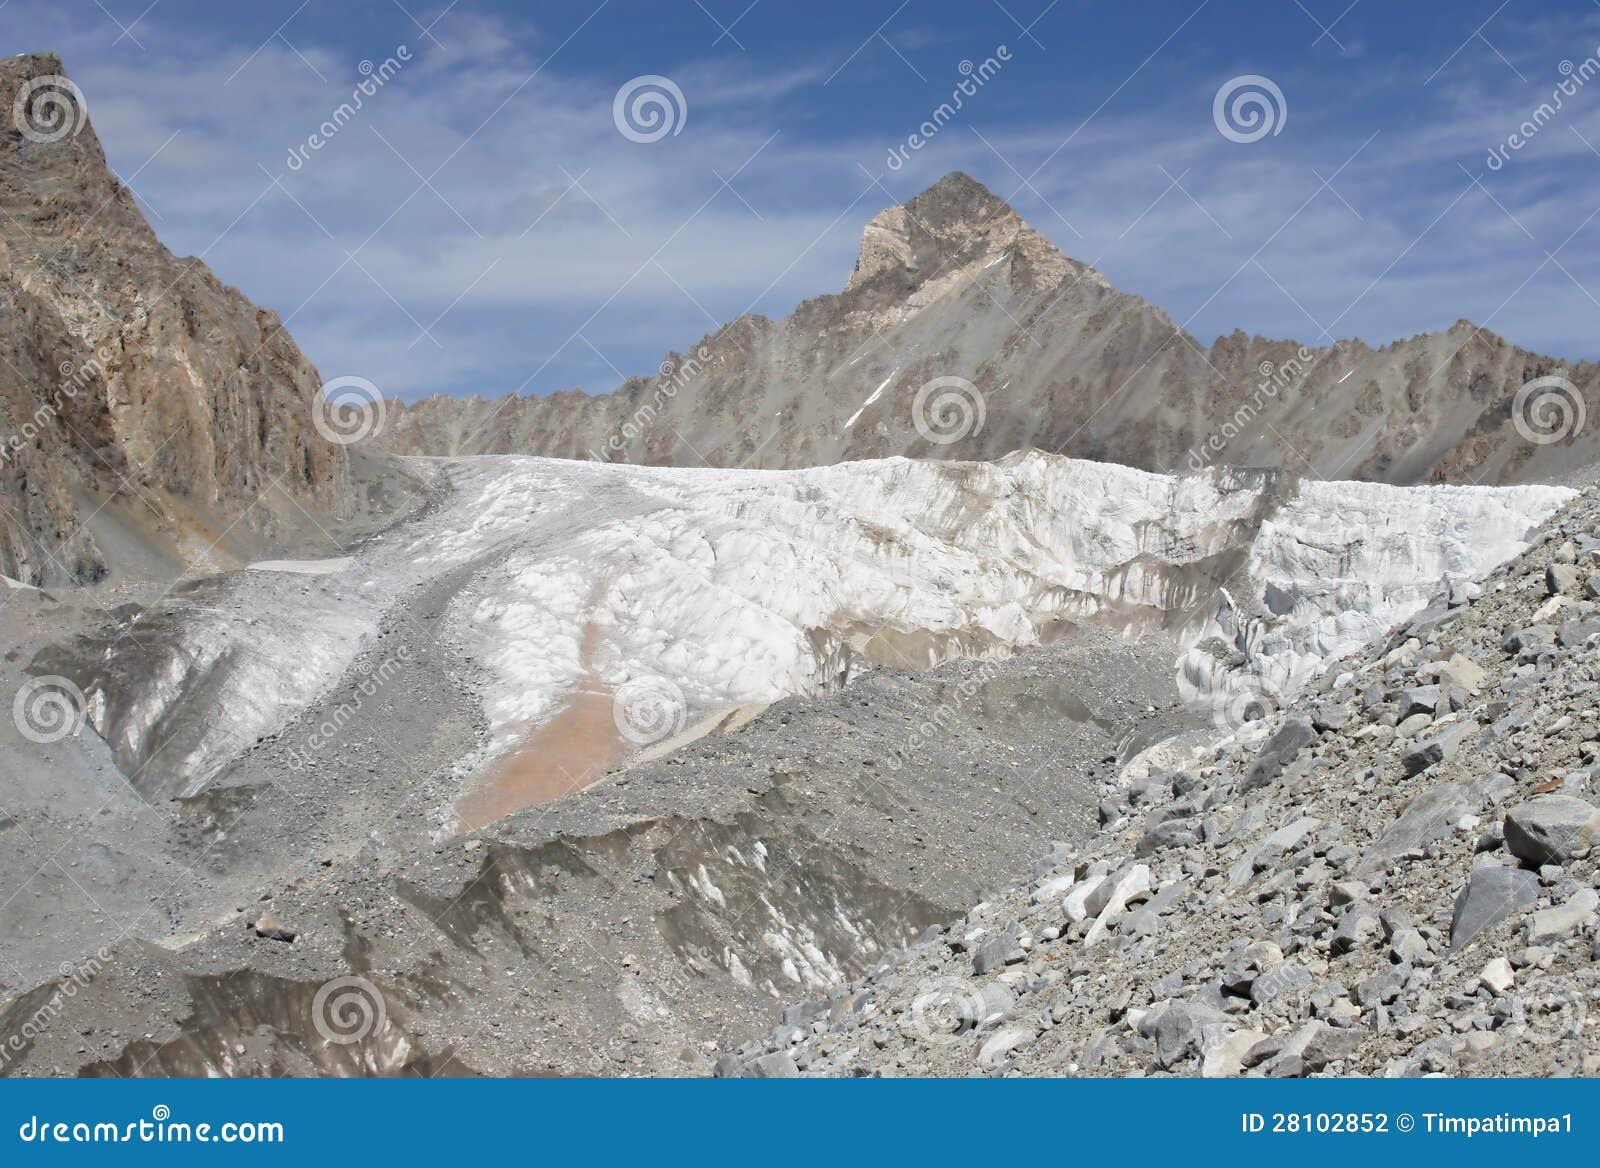 Αιχμή 4 037 μ και μέτωπο Aktash του παγετώνα Dugoba, pamir-Alay